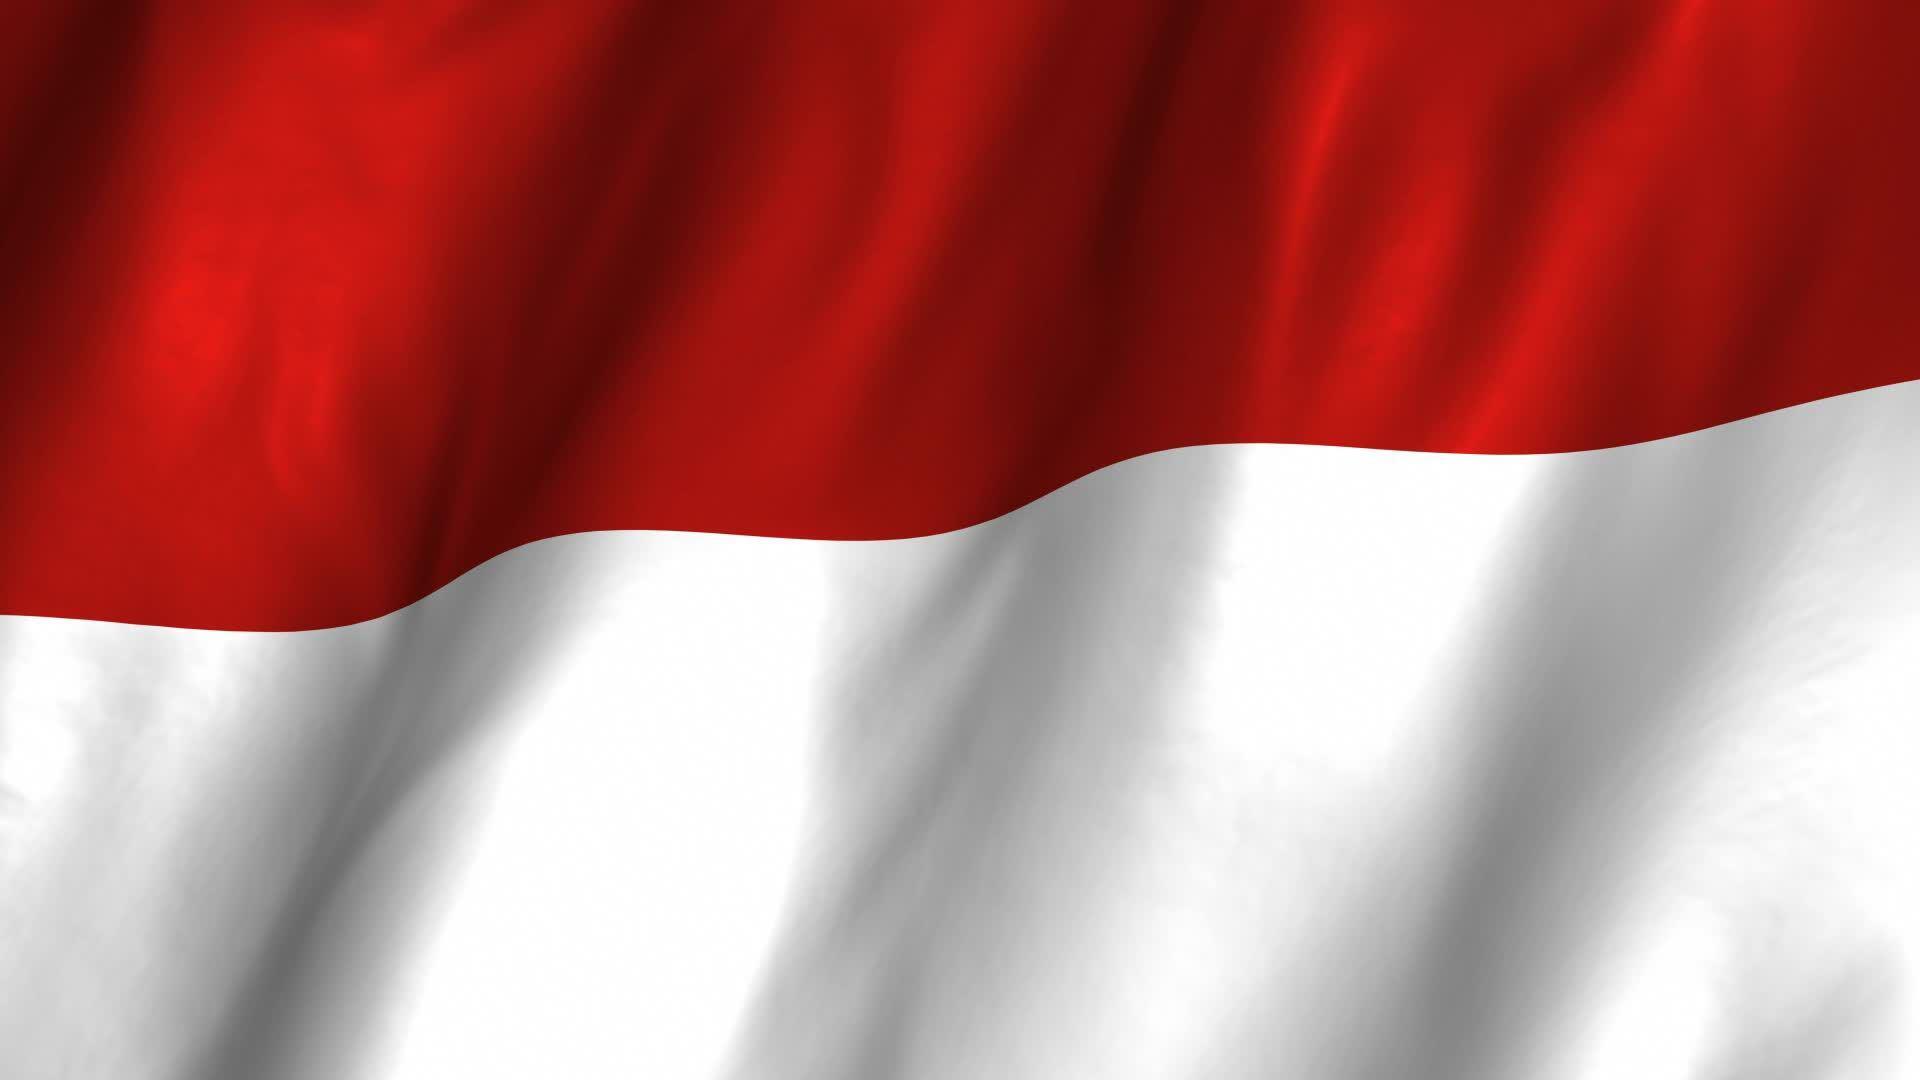 Bendera merah putih wallpaper HD10